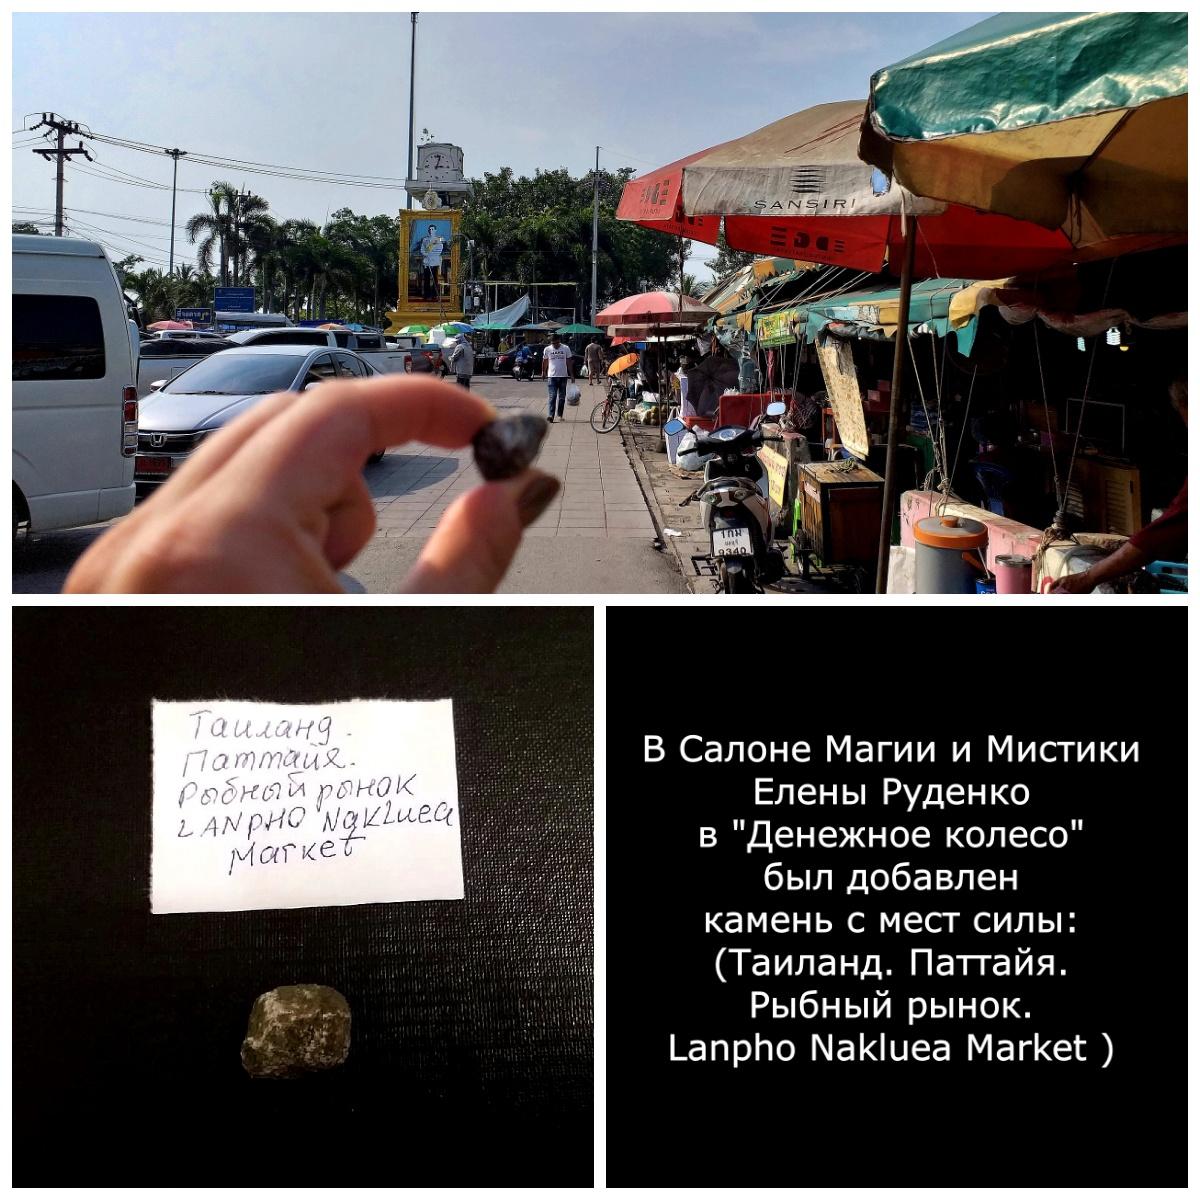 Елена Руденко (Валтея). Таиланд мои впечатления. отзывы, достопримечательности, фото и видео.   KnUoqpNCg_U